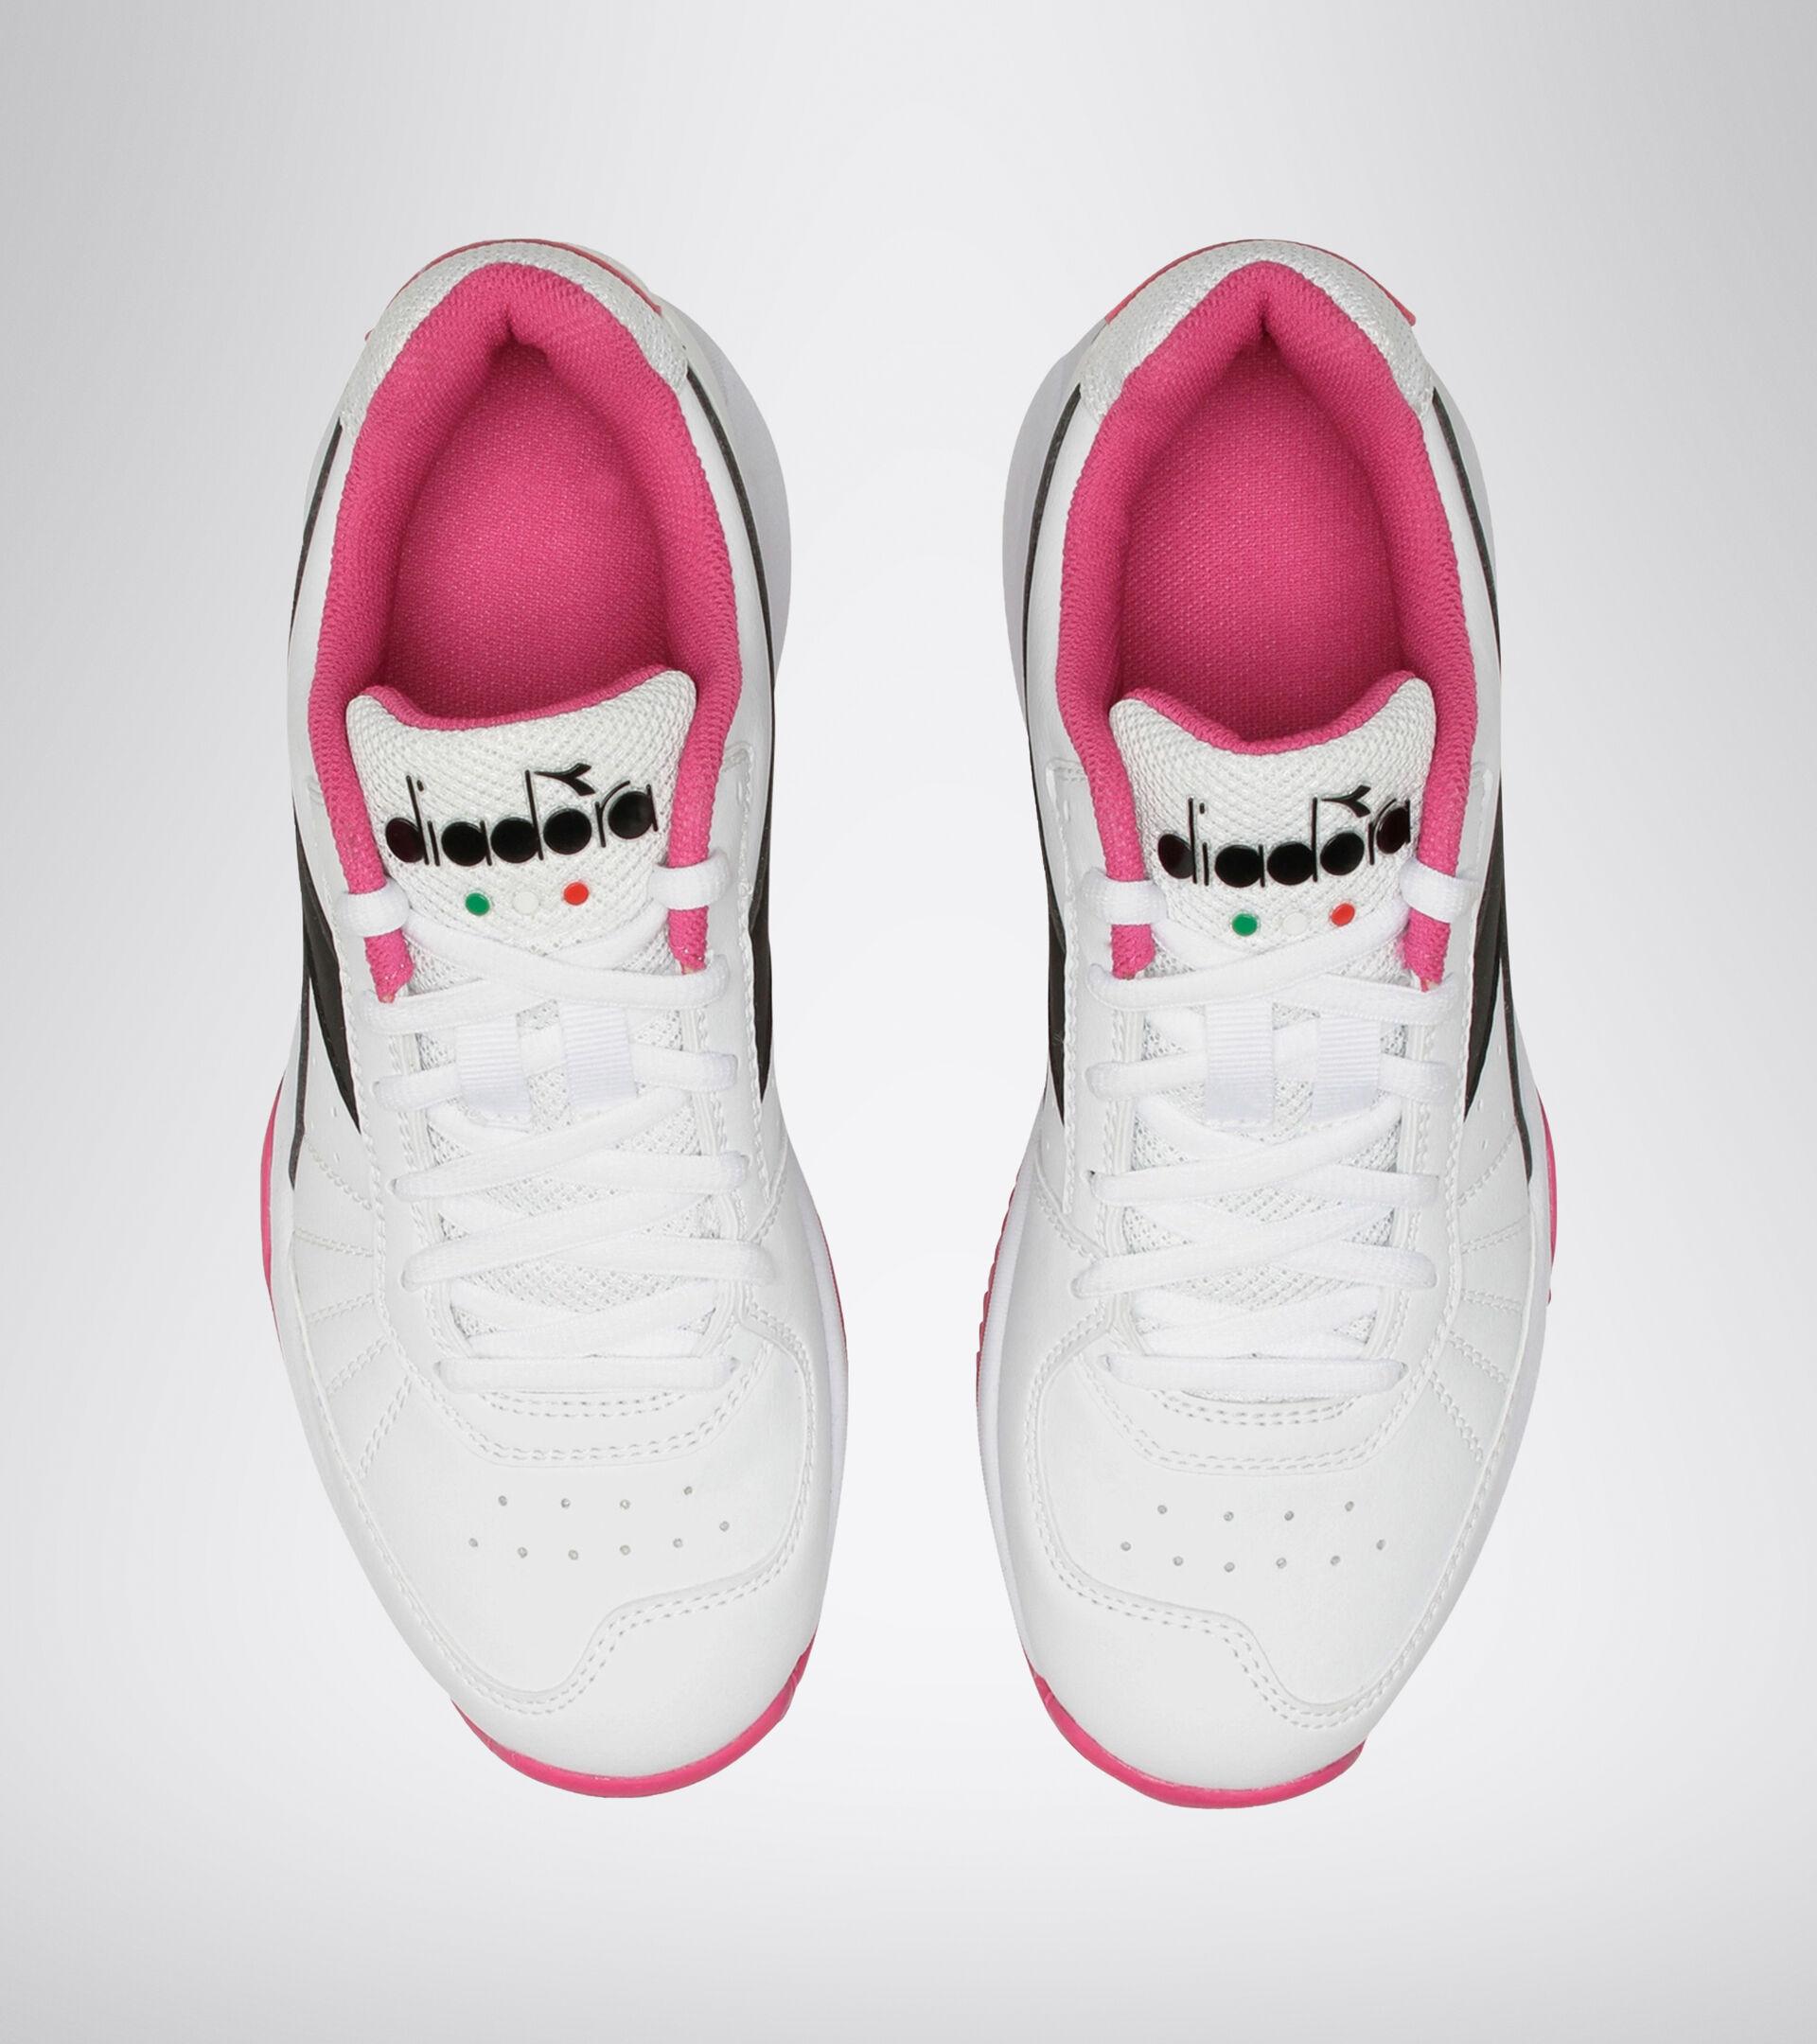 Footwear Sport DONNA S. CHALLENGE 3 W SL CLAY WHITE/BLACK/MAGENTA Diadora